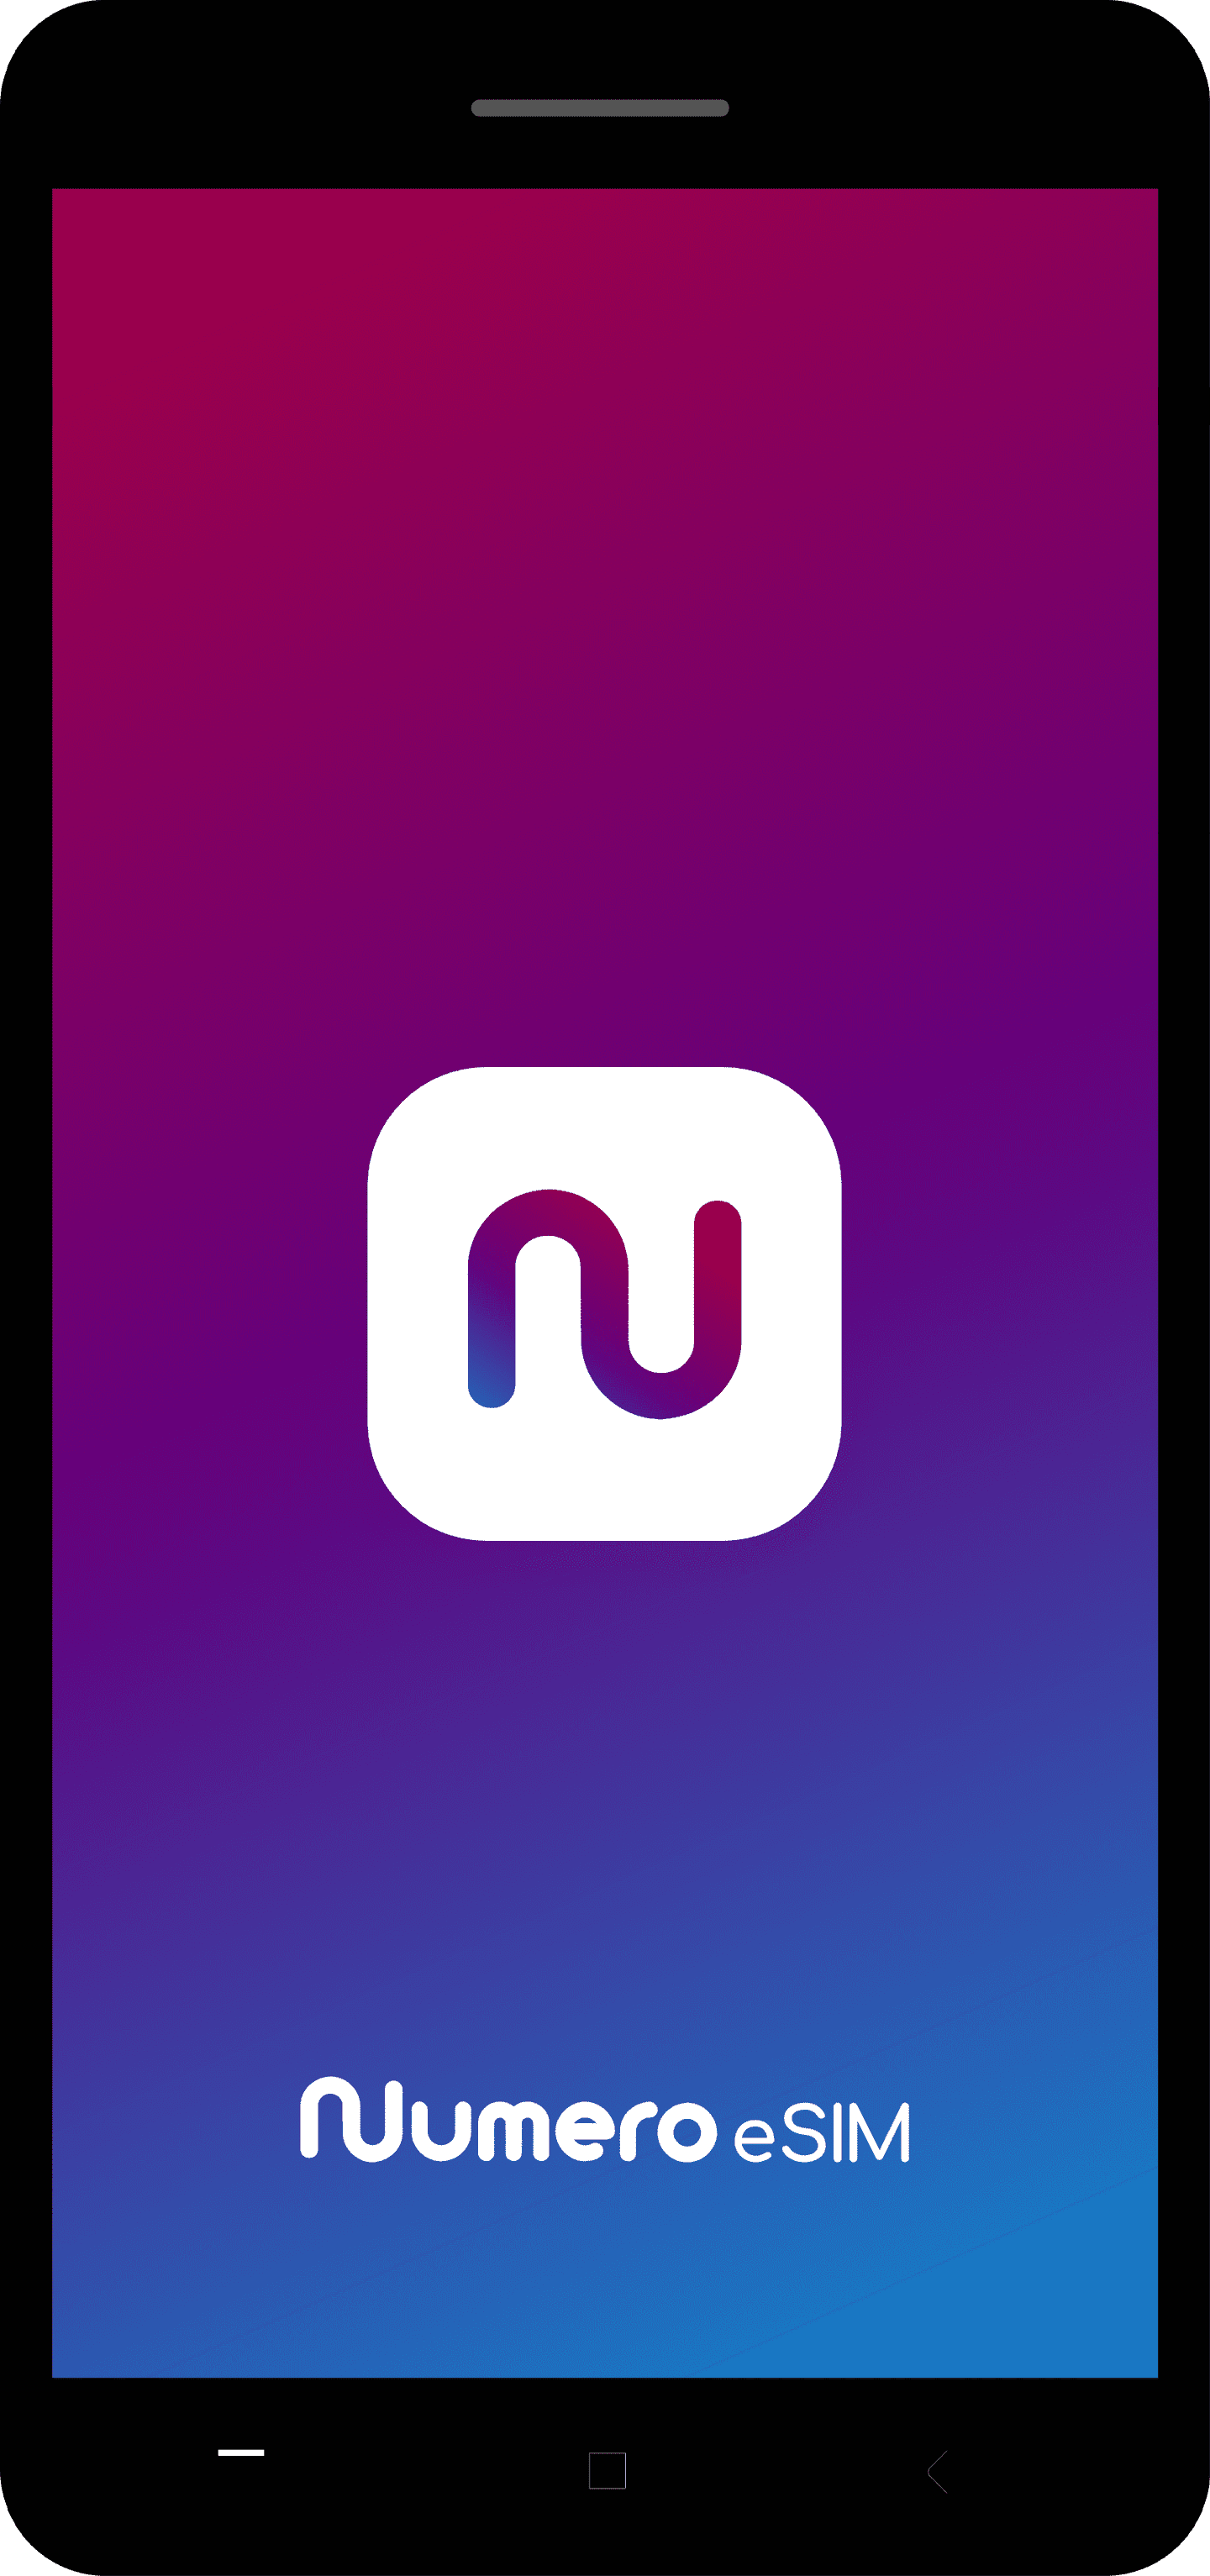 Numero